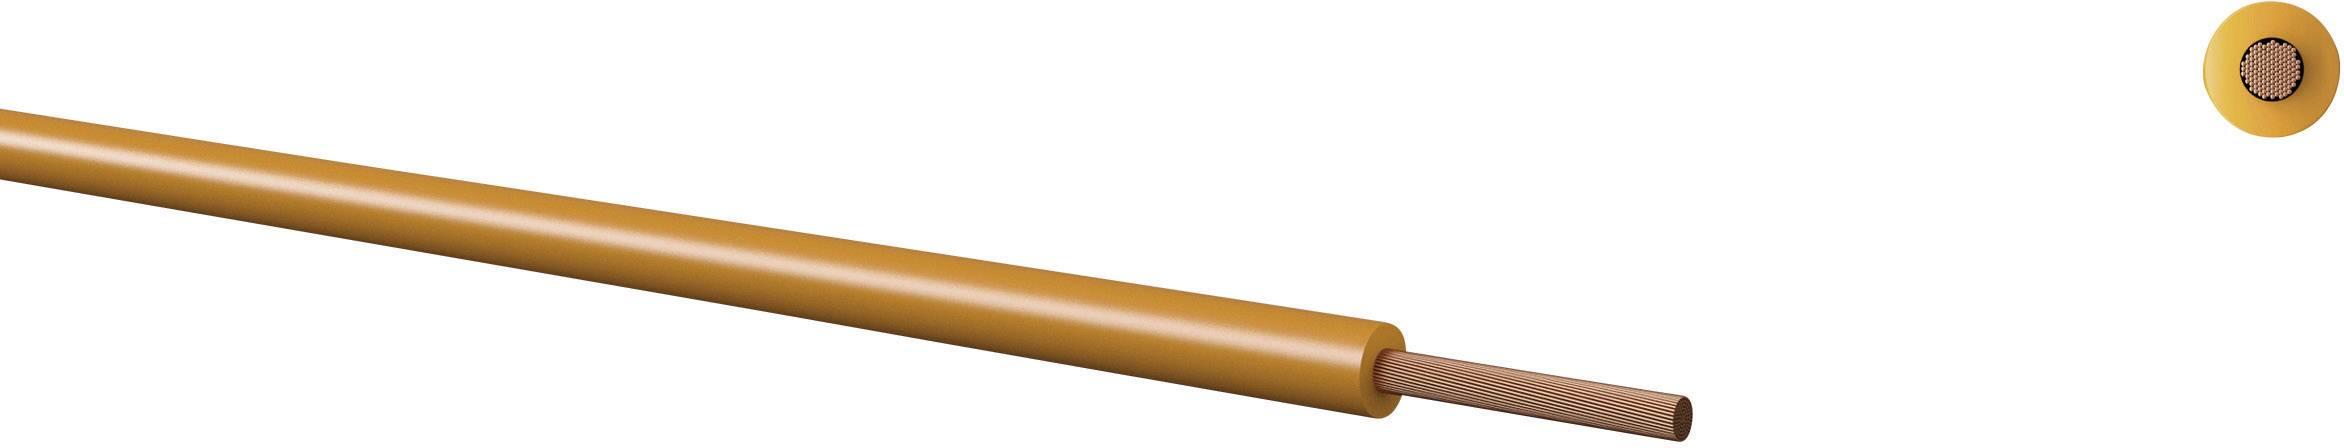 Opletenie / lanko Kabeltronik 160105008 LiFY, 1 x 0.50 mm², vonkajší Ø 2 mm, metrový tovar, červená